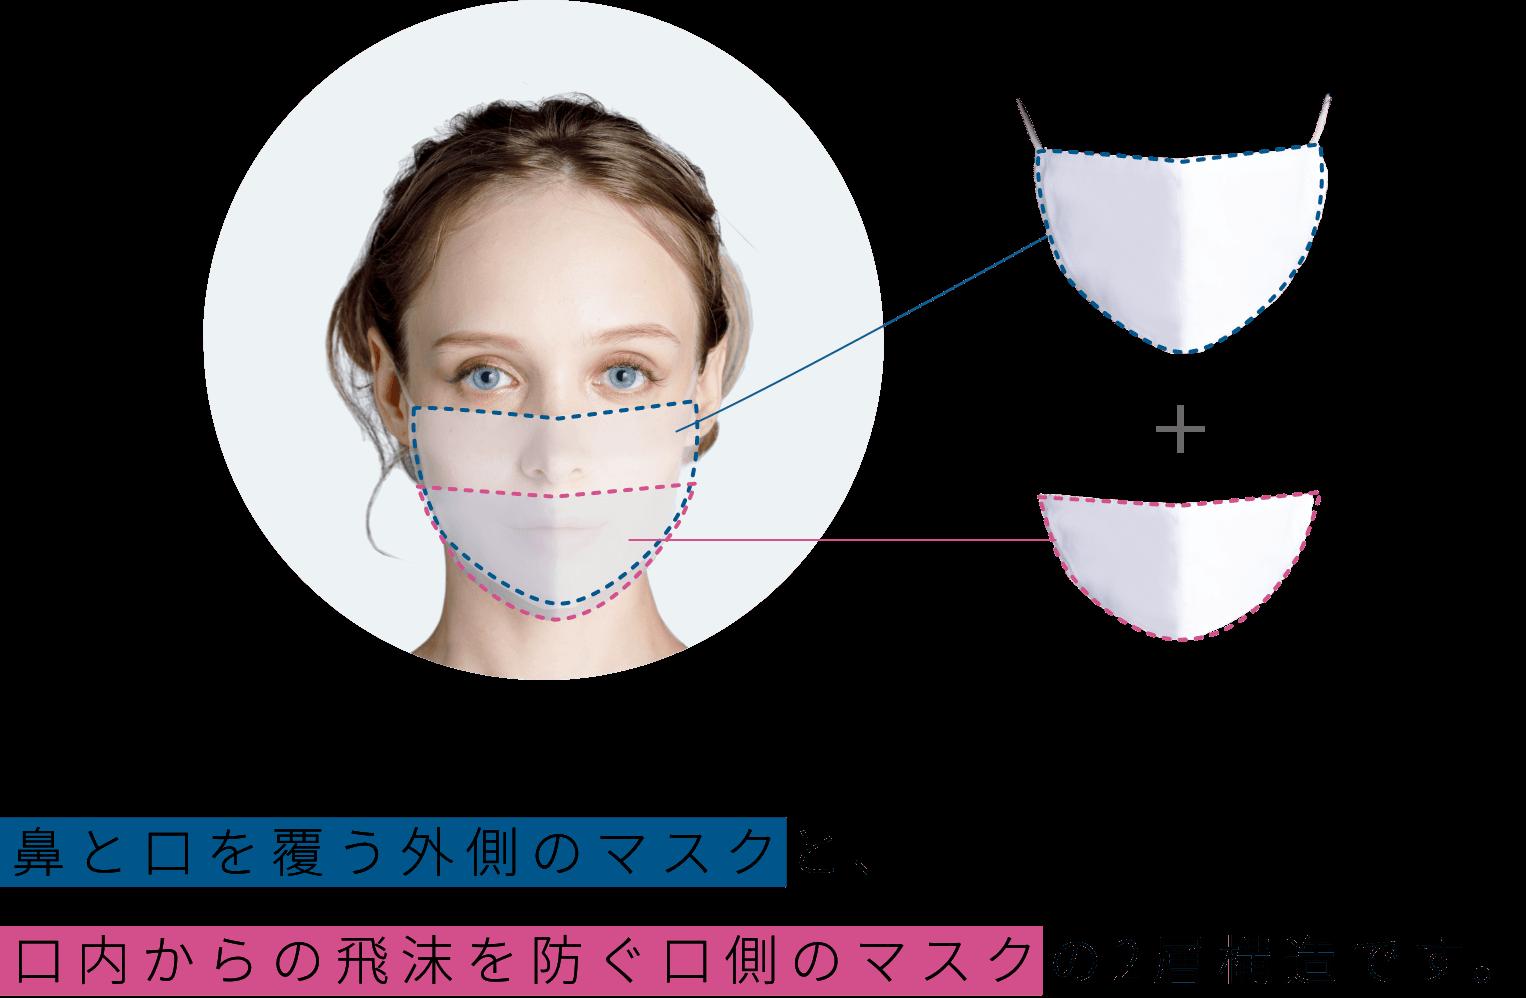 鼻と口を覆う外側のマスクと、口内からの飛沫を防ぐ口側のマスクの2層構造です。